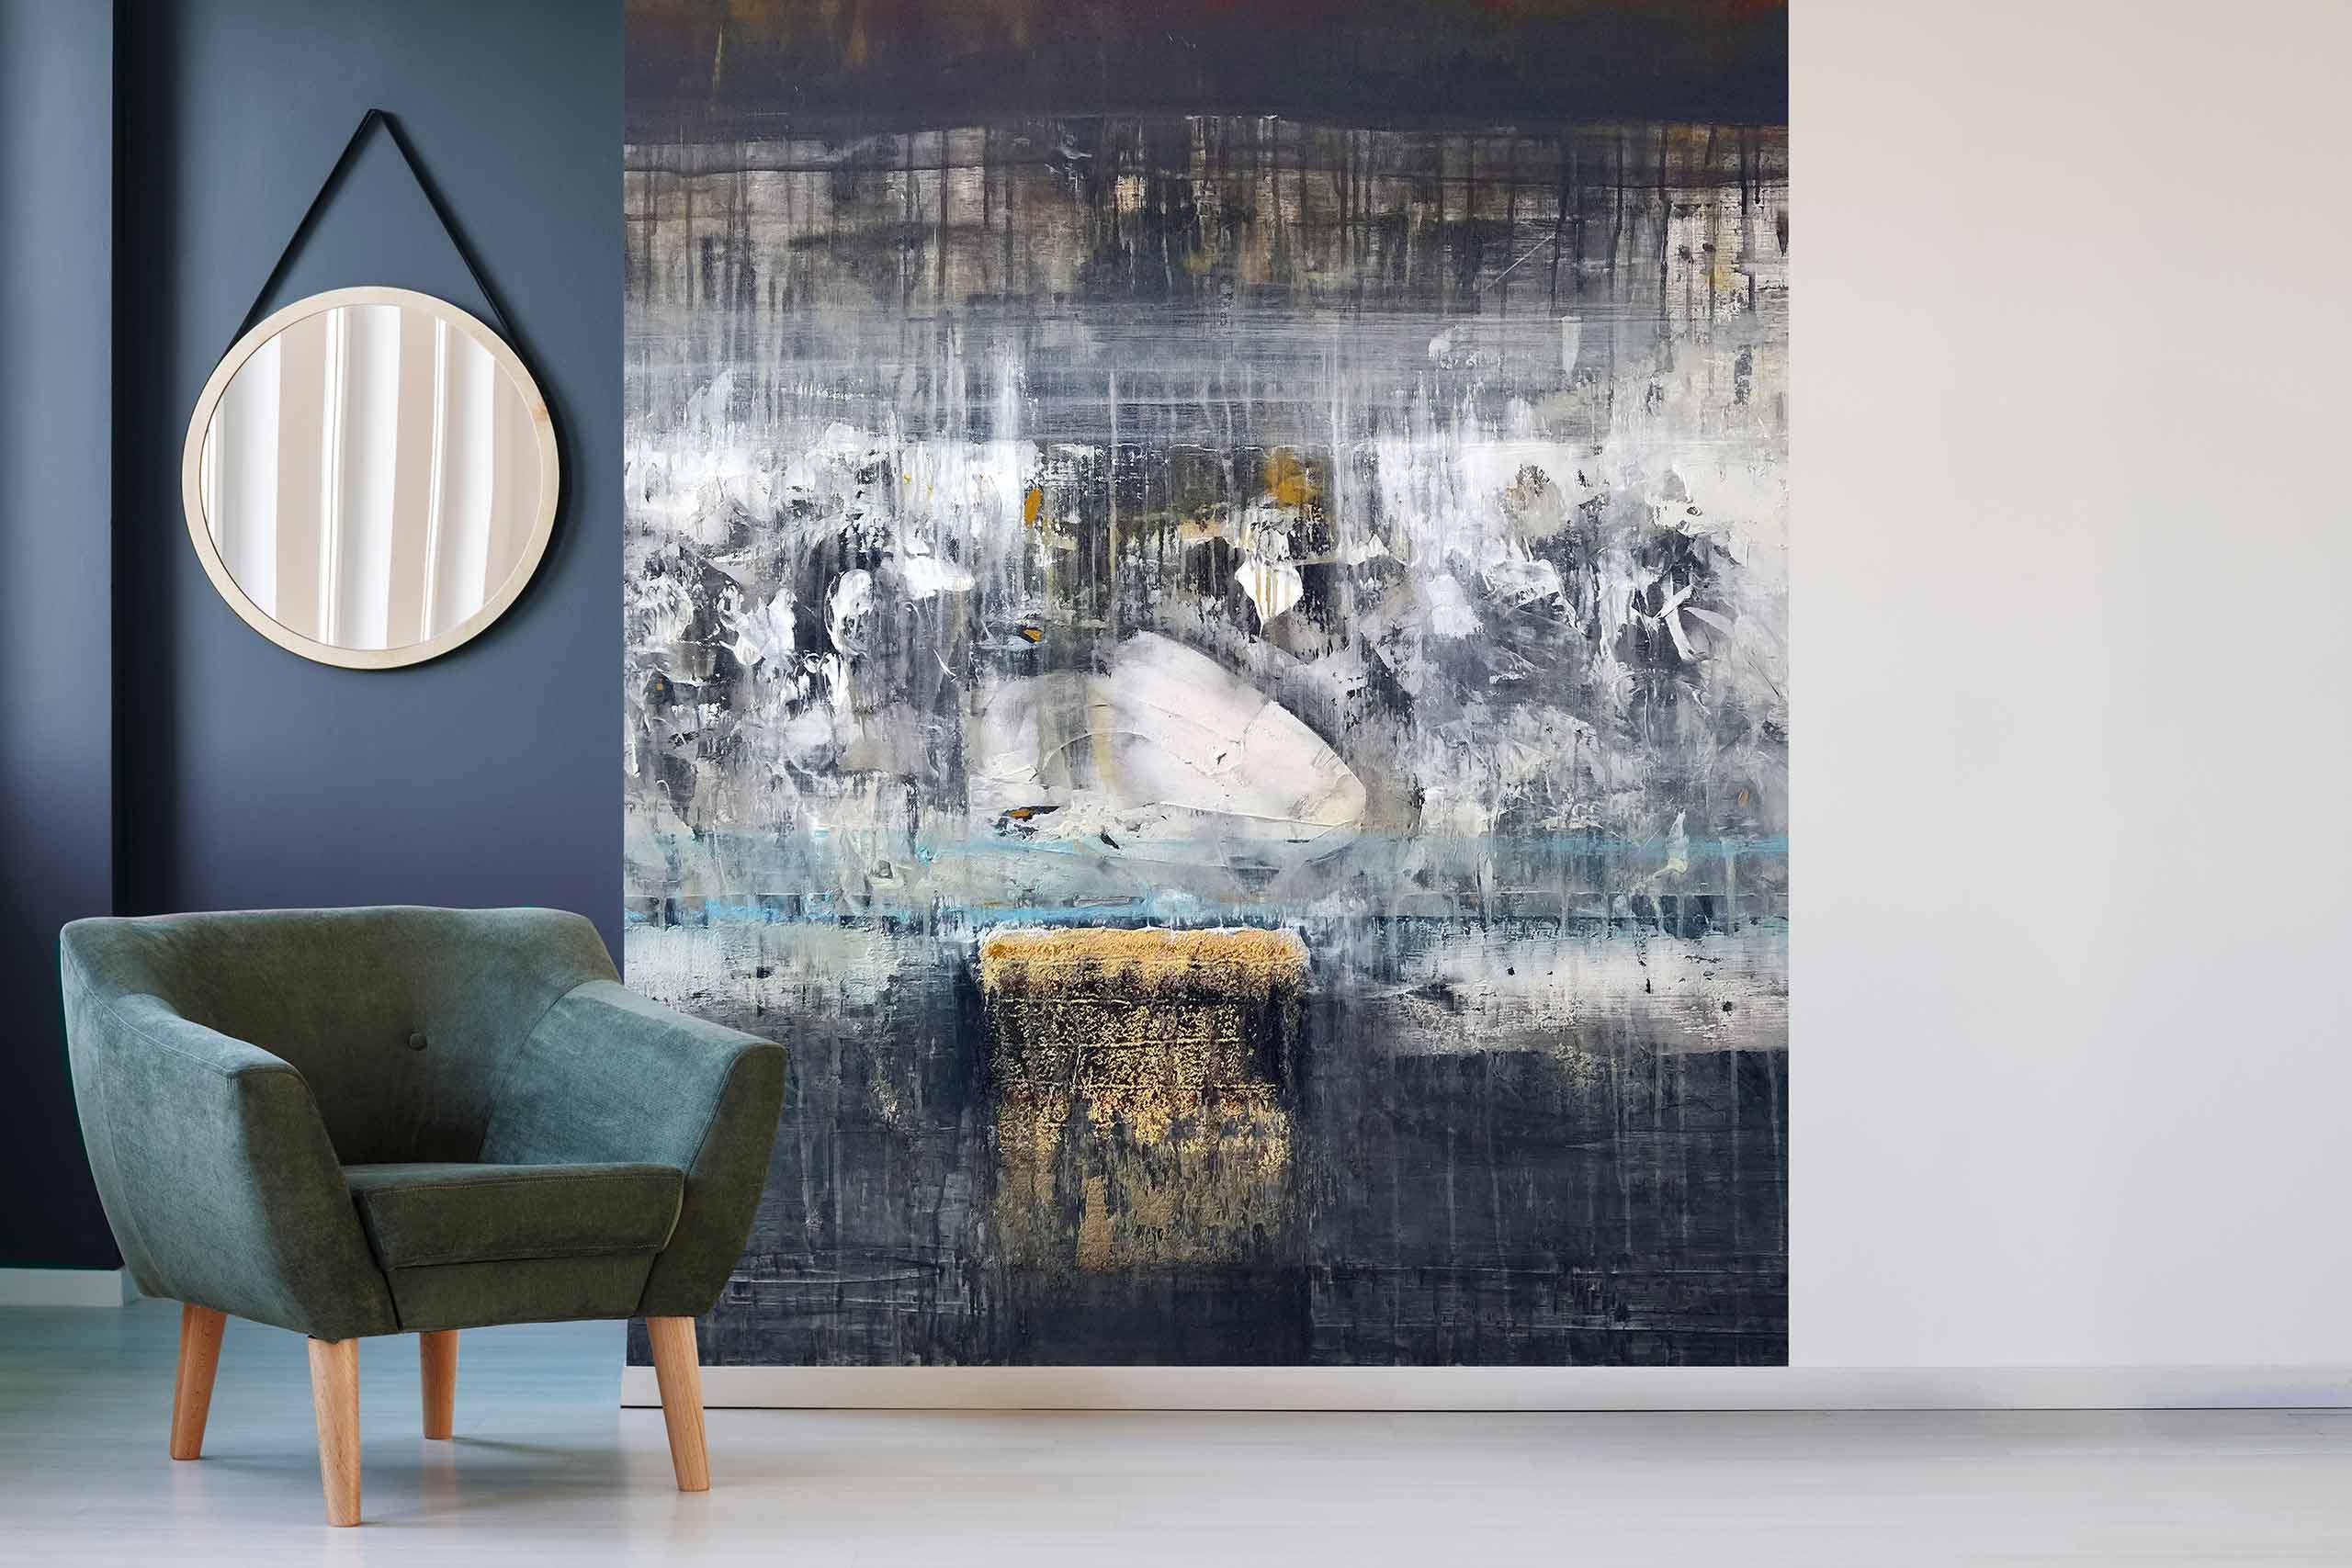 Vlies Tapete 225 Fototapete Höhe 250cm Motiv 145 Abstrakt Kunst